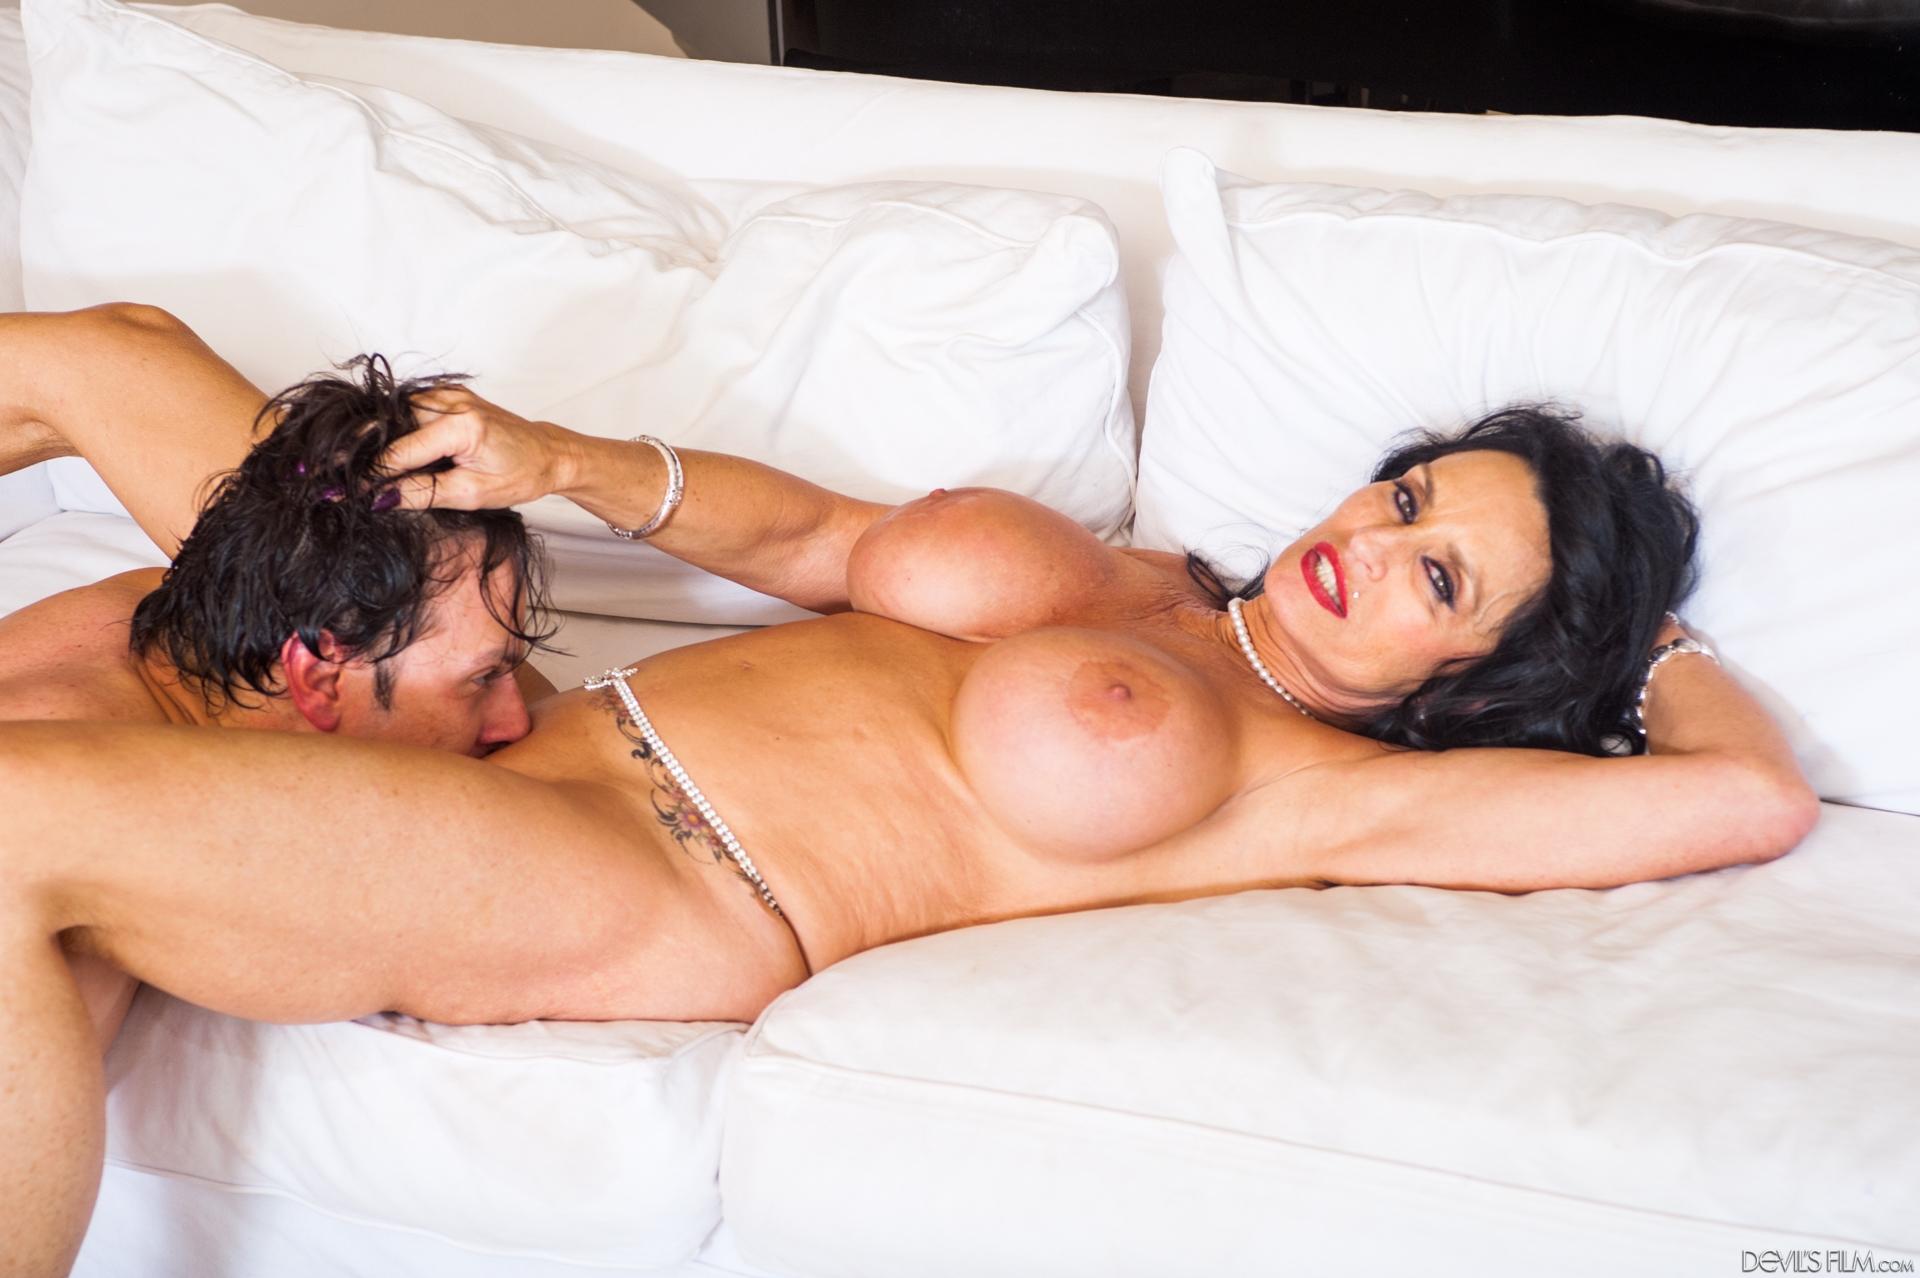 Смотреть порно видео делает девушке куни исполняет все ее желания